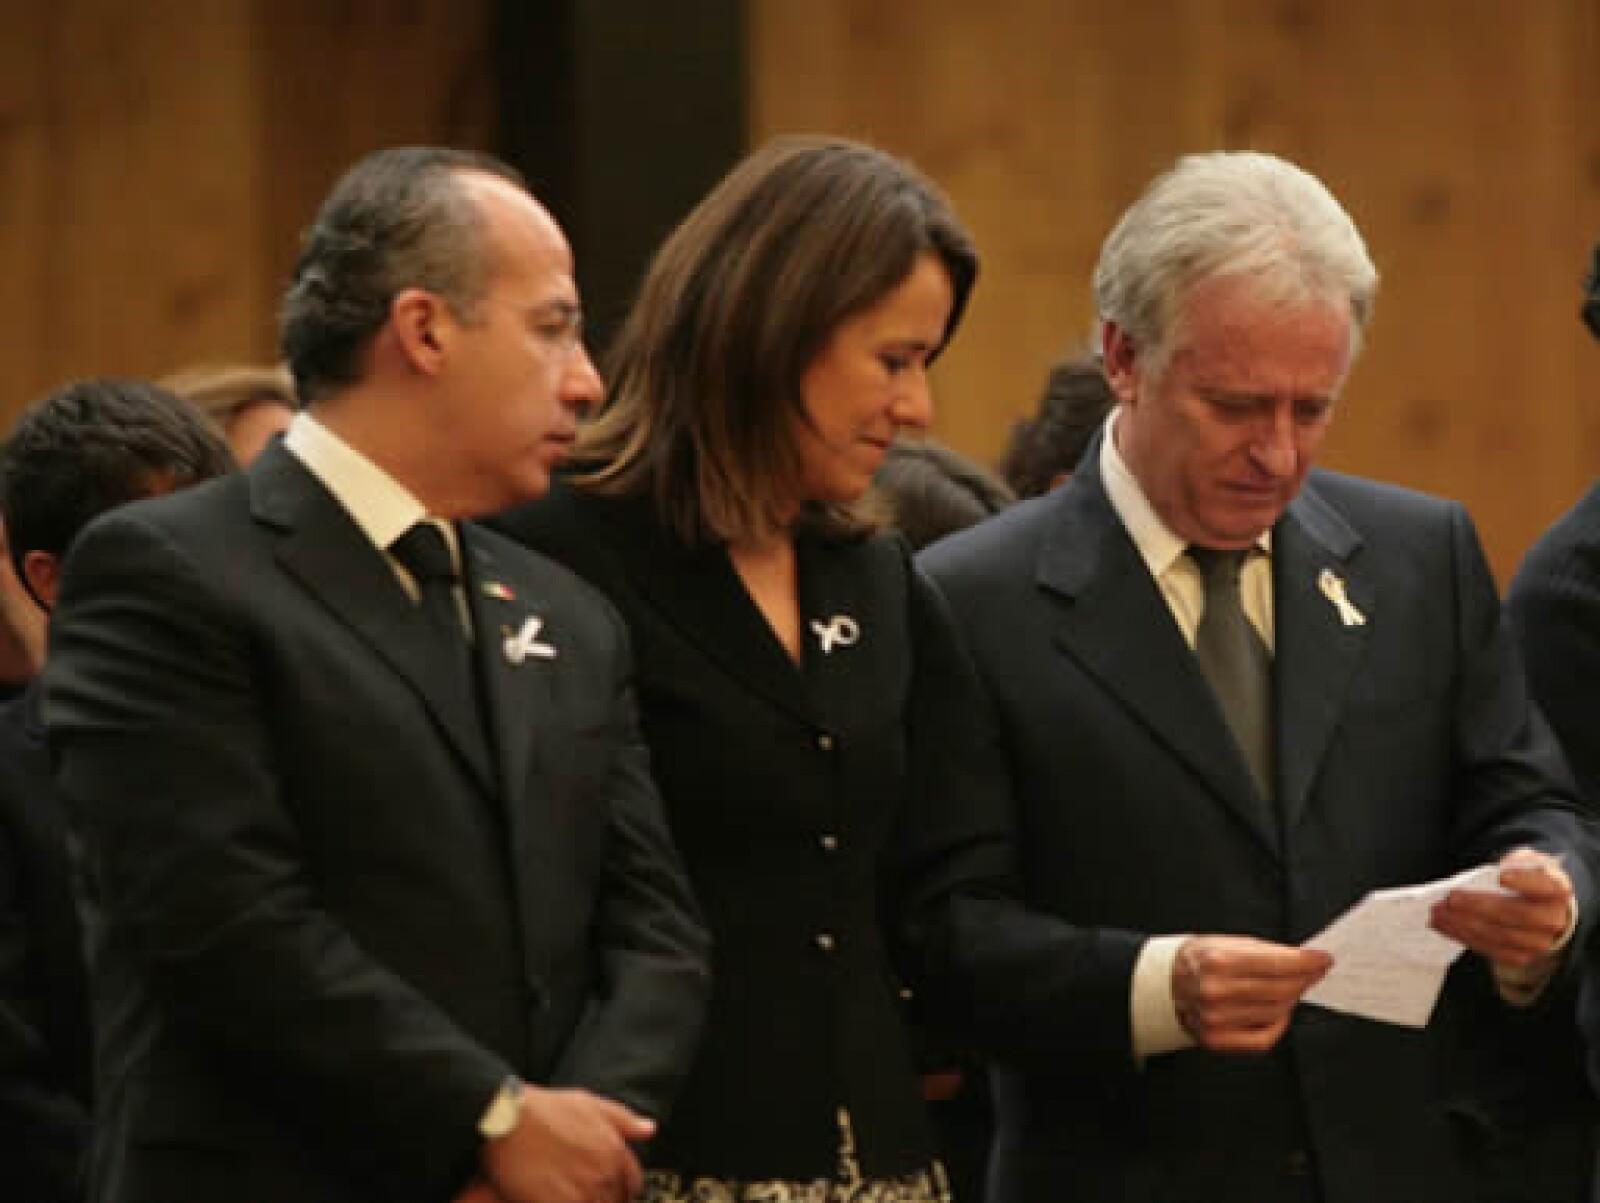 El presidente Felipe Calderón y su esposa, Margarita Zavala, dieron el pésame a la familia de Fernando y leyeron junto a Alejandro Martí una carta en sus funerales.